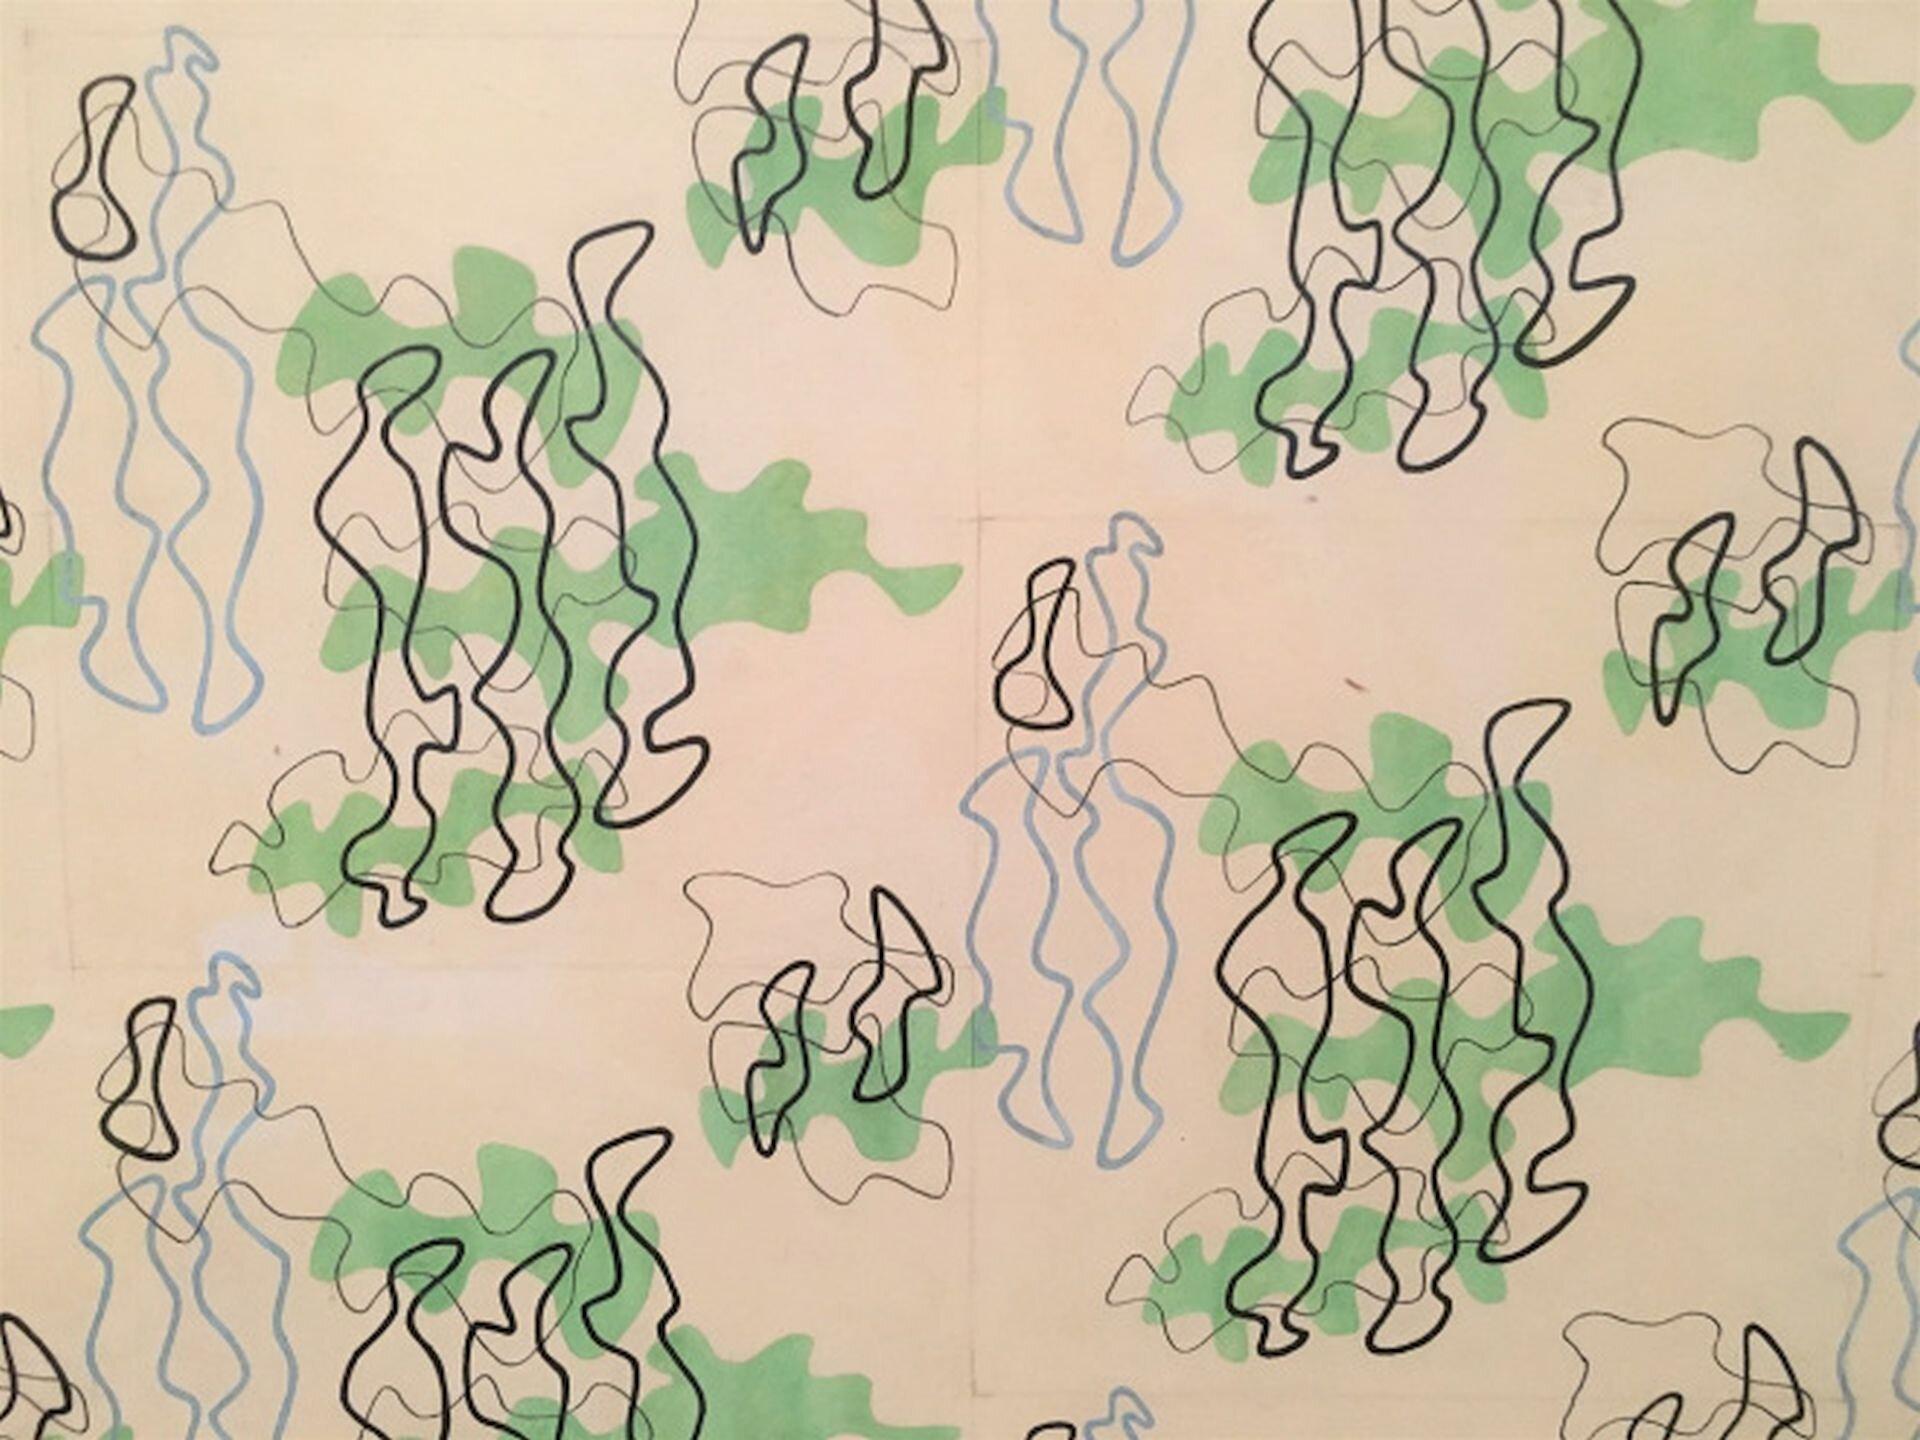 Ilustracja przedstawia projekt tkaniny odzieżowej autorstwa Władysława Strzemińskiego. Jest to jasna tkanina, na której są narysowane wzory. Są to nieregularne figury przypominające jeziora zaznaczane na mapach. Figury te nachodzą na siebie, aobrys ich jest wkolorach niebieskim, czarnym, brązowym izielonym.